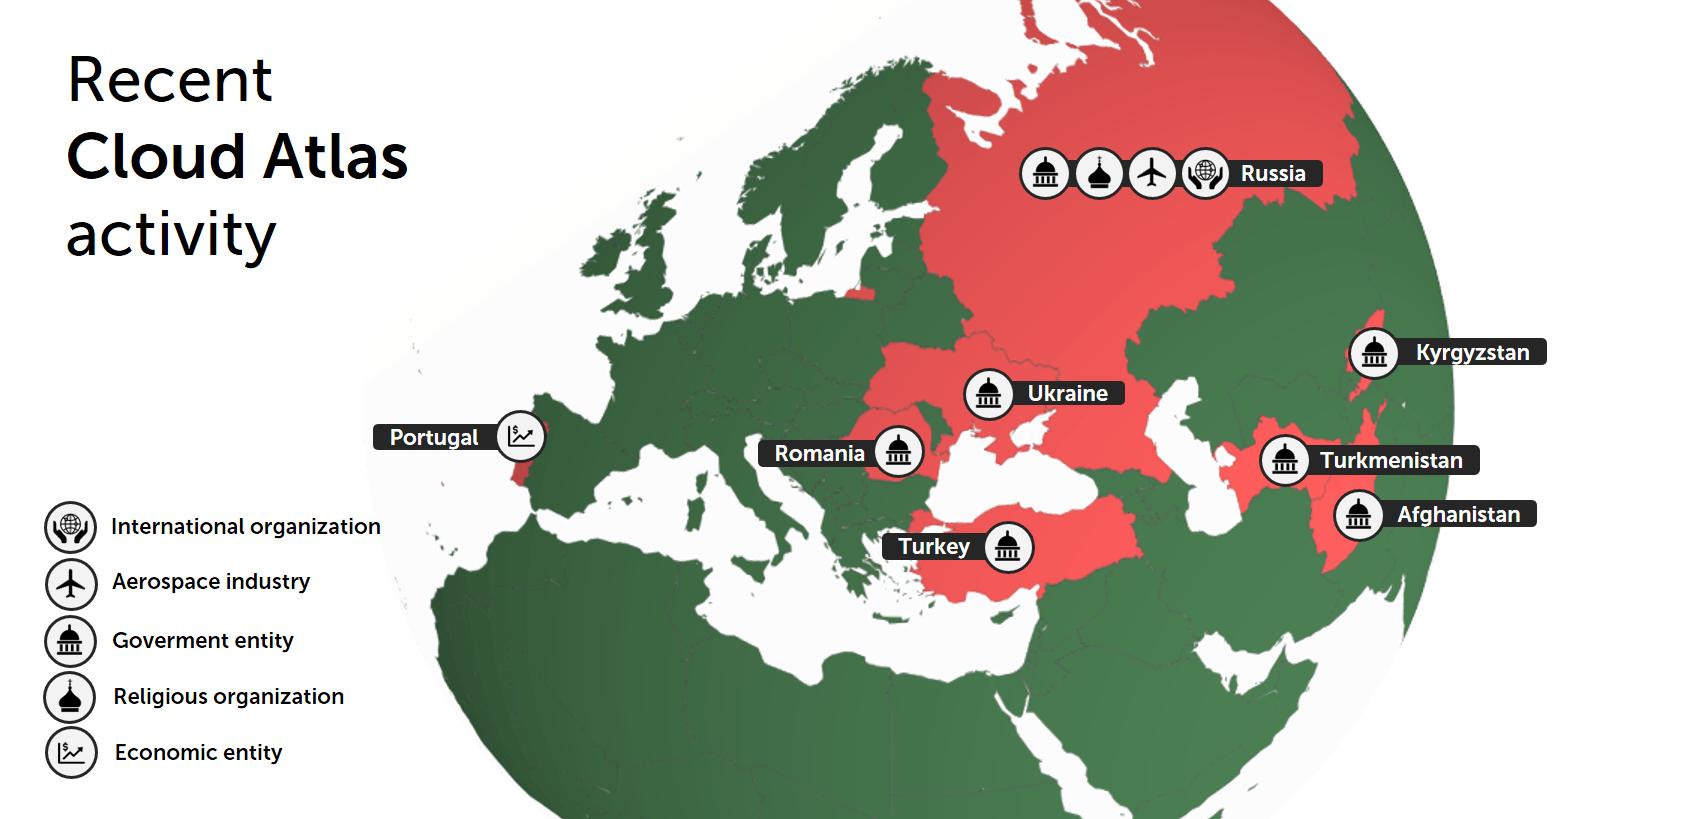 România se numără printre țările în care grupul APT Cloud Atlas a lansat recent atacuri